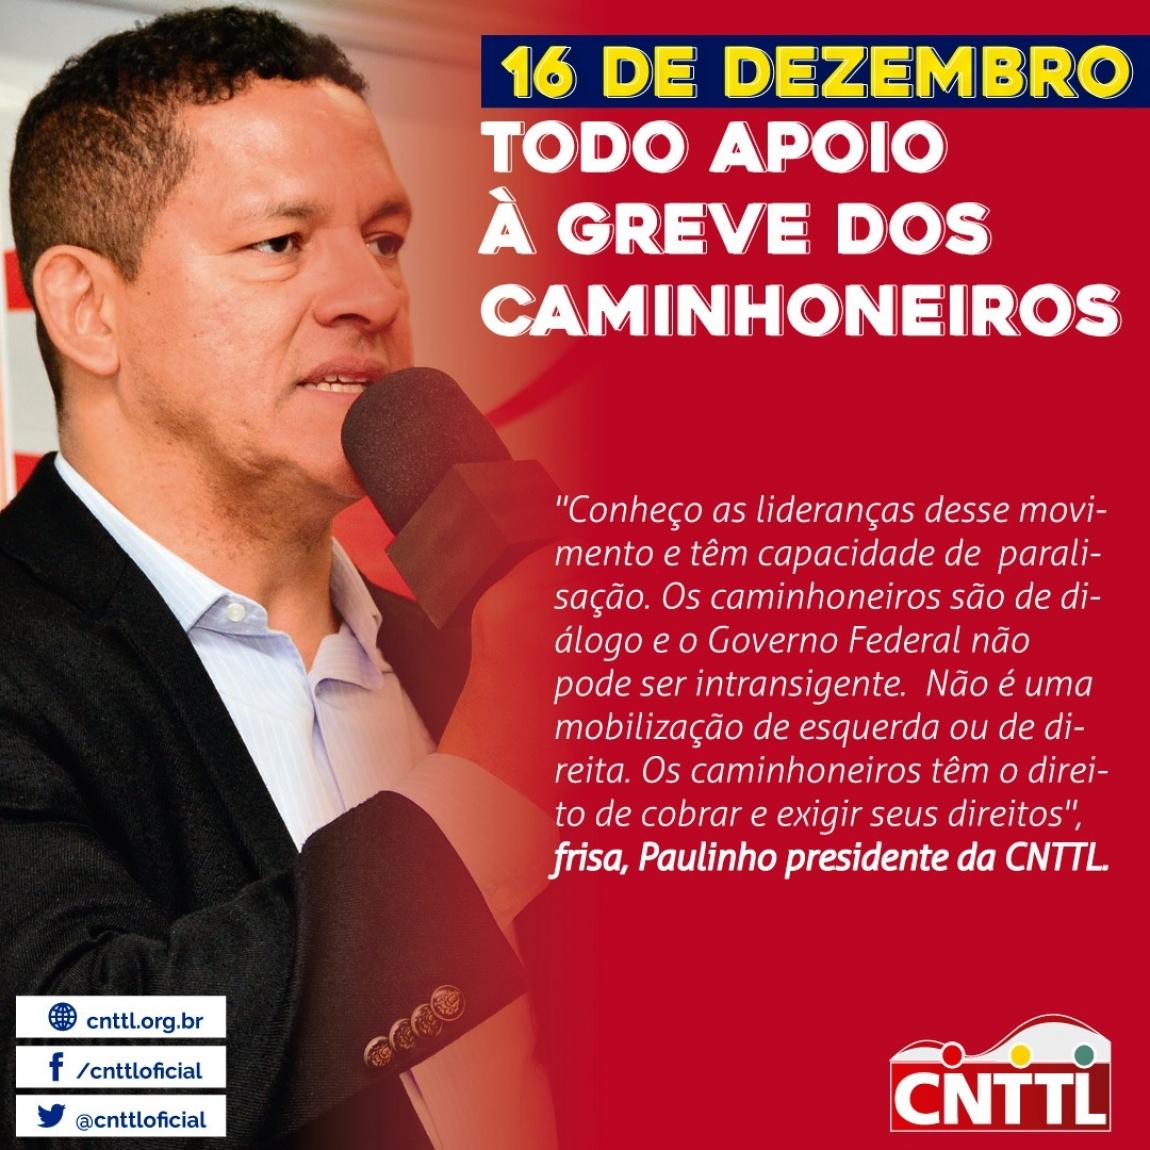 Imagem de 16 dezembro: CNTTL apoia pauta legítima da greve dos caminhoneiros